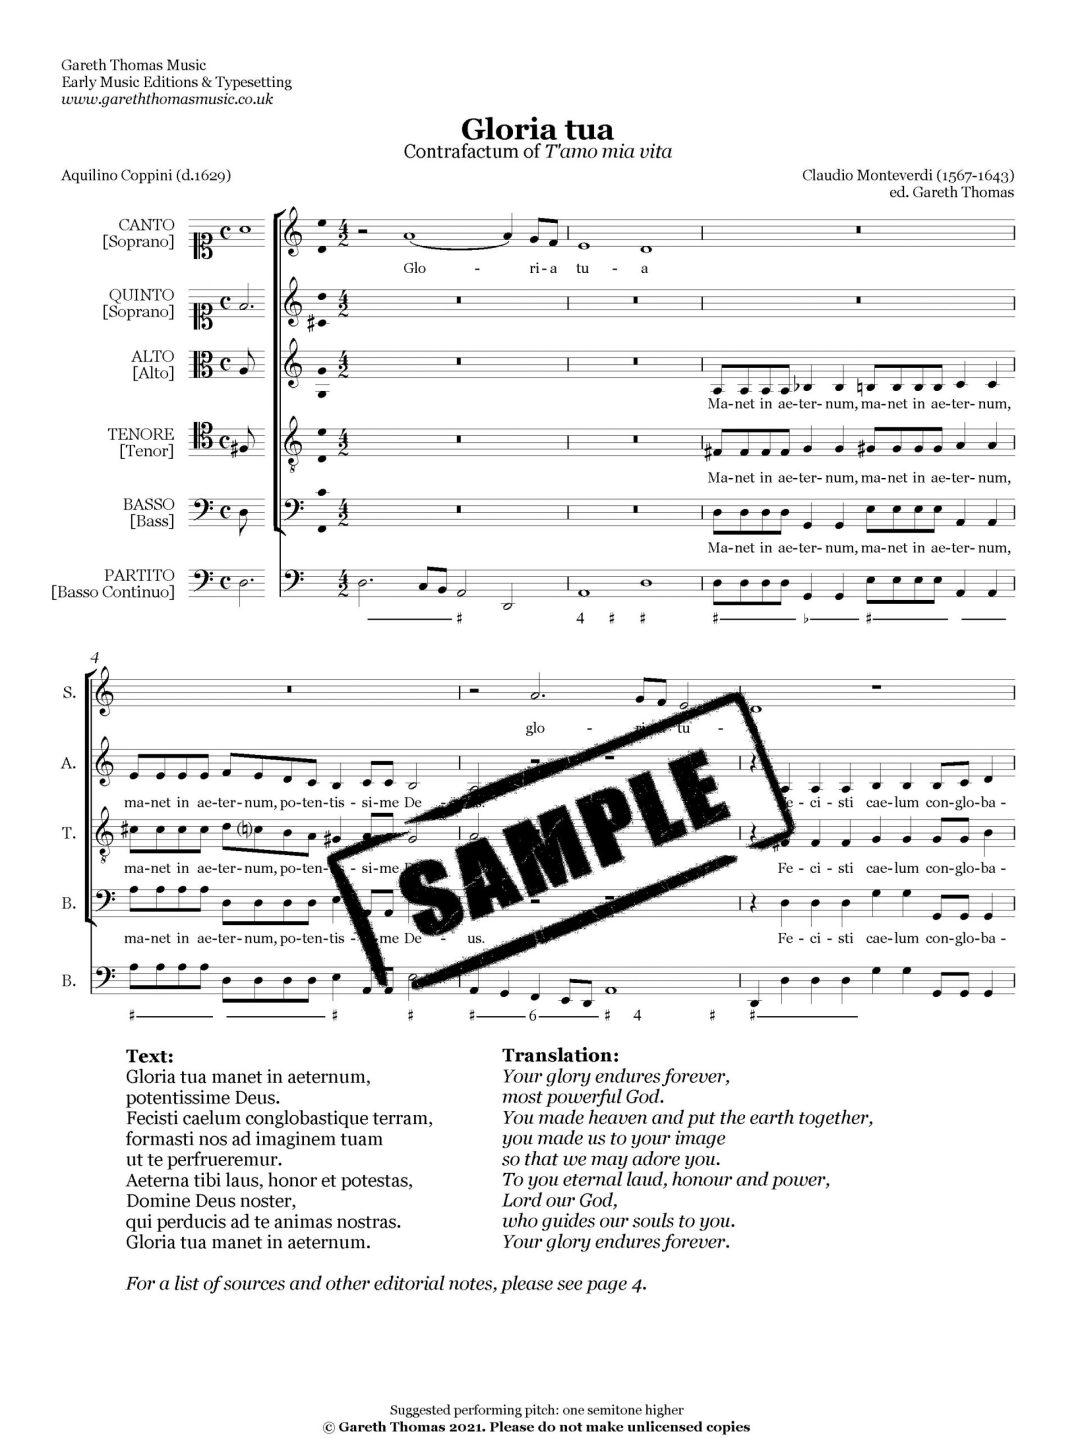 Claudio Monteverdi Gloria tua image